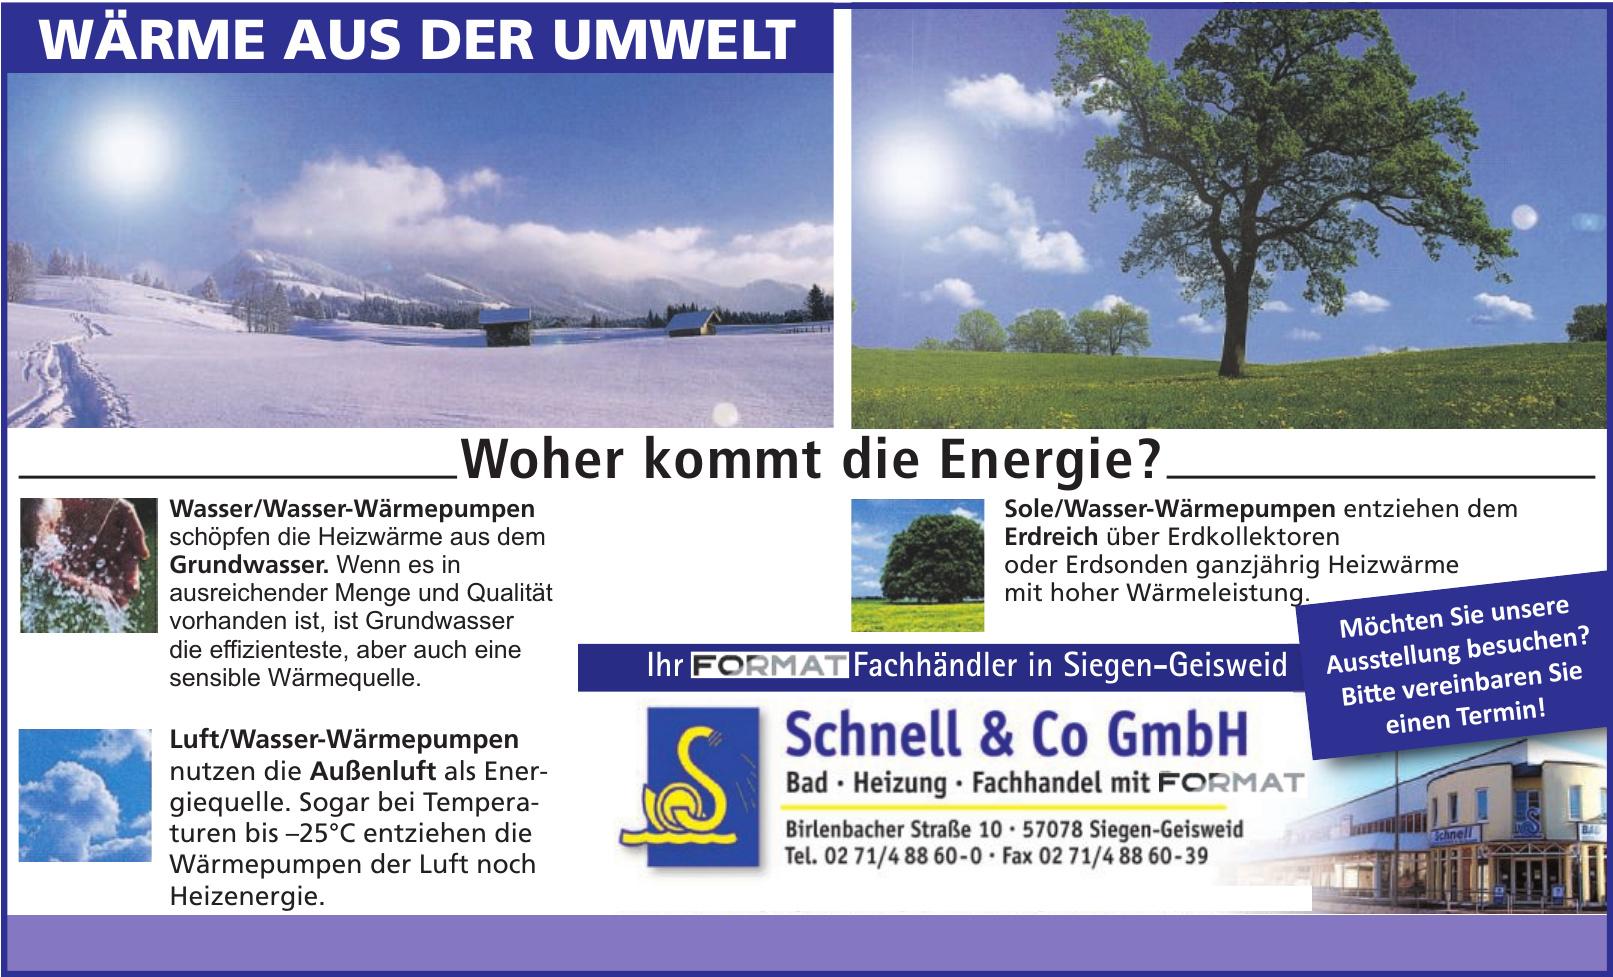 Schnell & Co GmbH